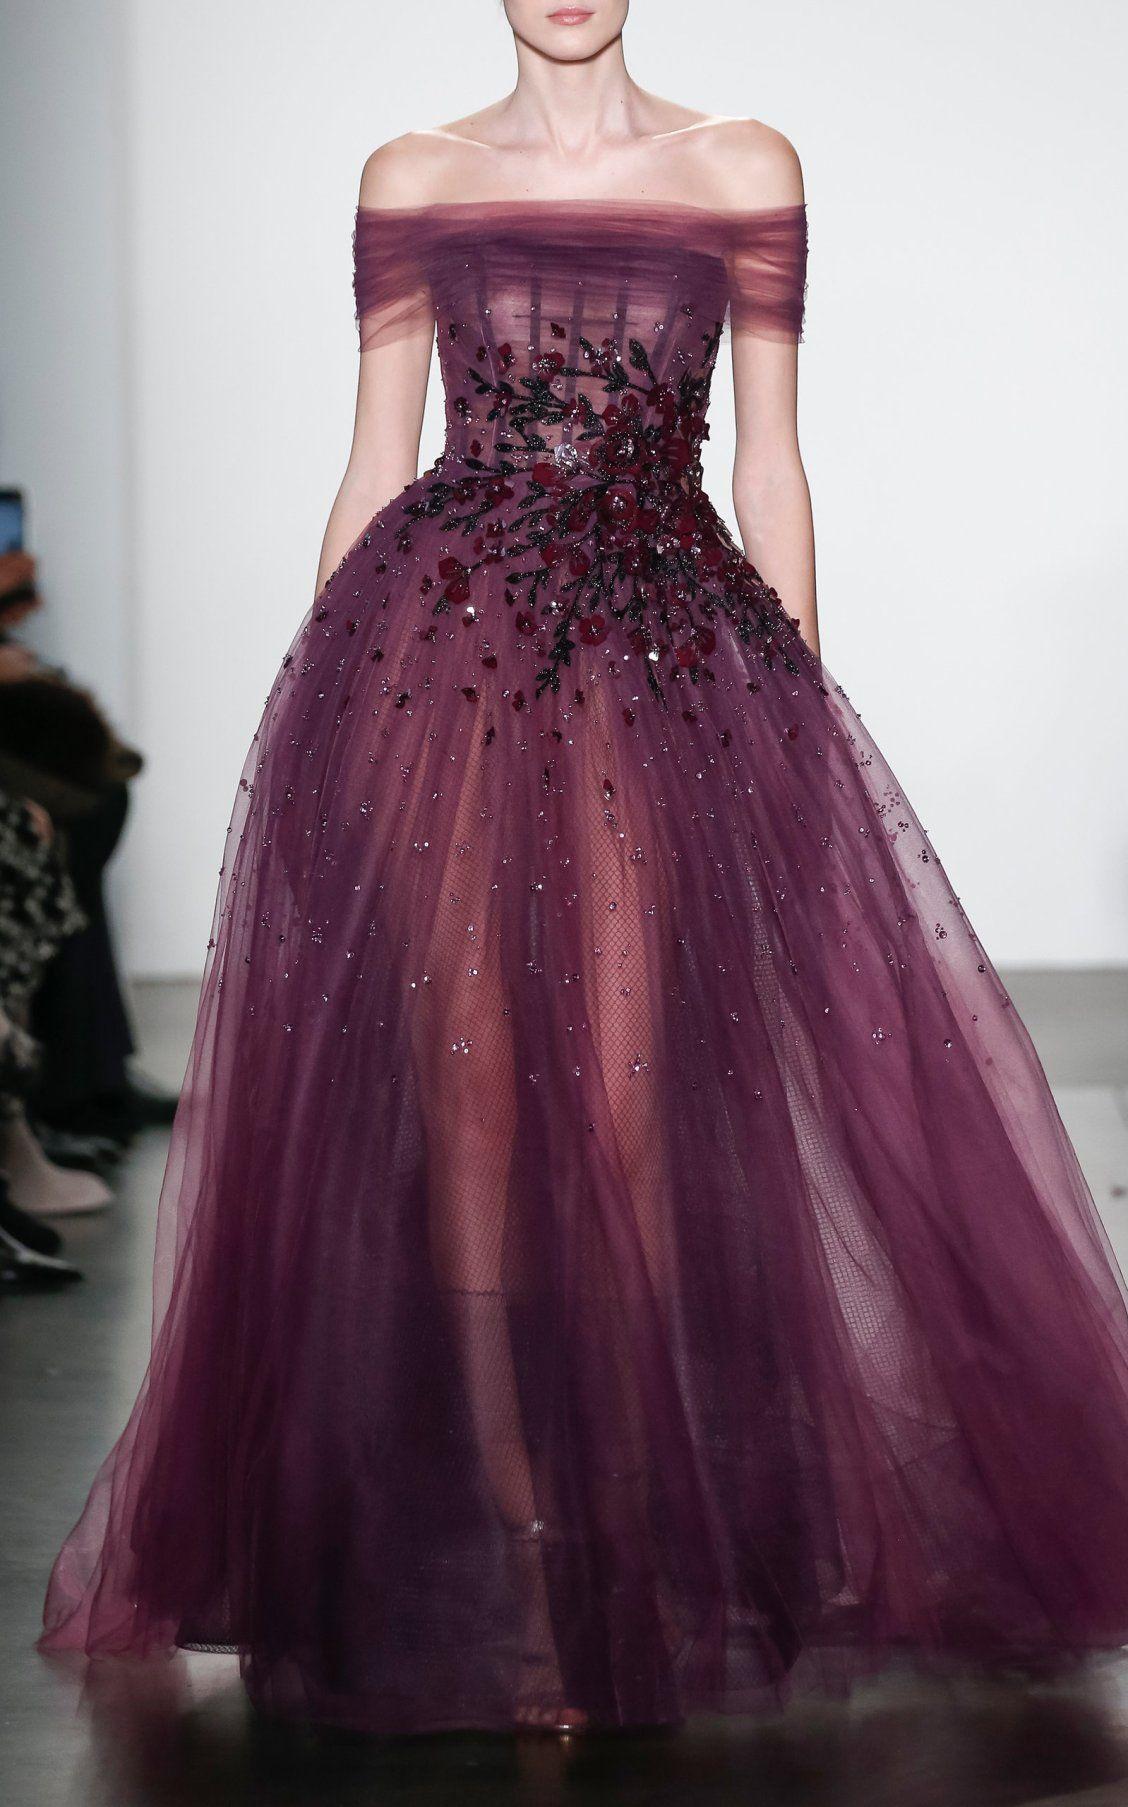 24+ Pamella roland dress info